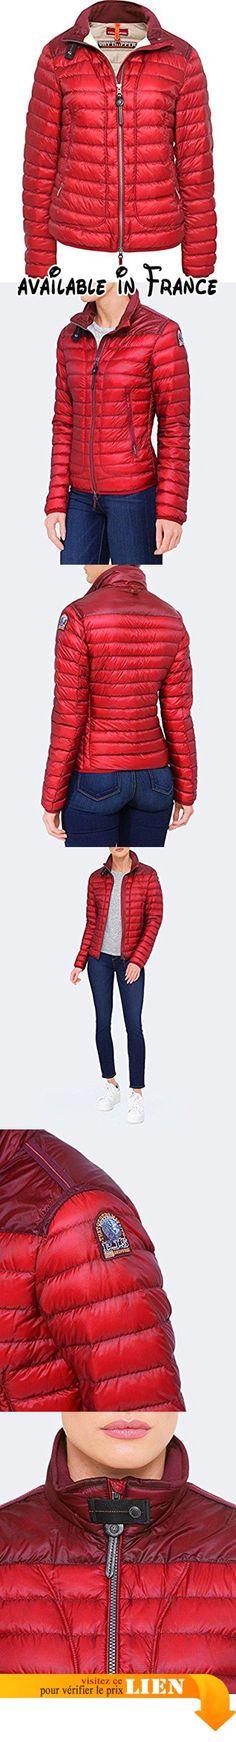 B075XR2KN1 : Parajumpers Femmes veste de puffer Sunny day tripper Ribes M. 100 % polyamide. Fermeture zip double sens. Matelassé tout au long de. Léger duvet. Fermeture de cou élastique